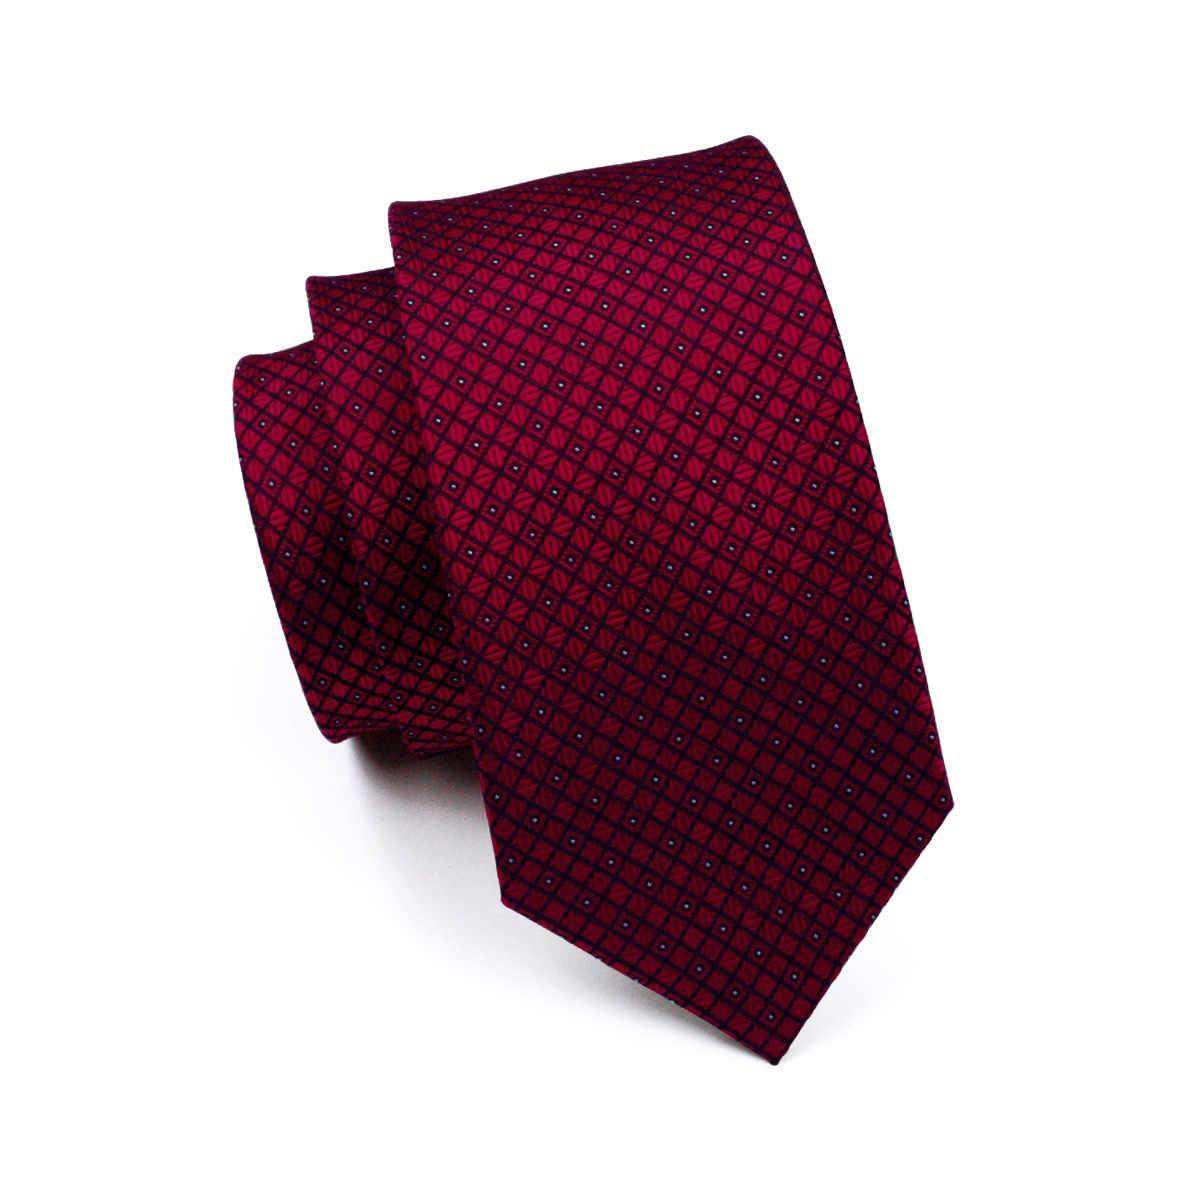 FA-704 erkek kravat kırmızı ekose ipek jakarlı boyun kravat kravat Hanky kol düğmeleri Set bağları erkekler İş düğün parti ücretsiz kargo